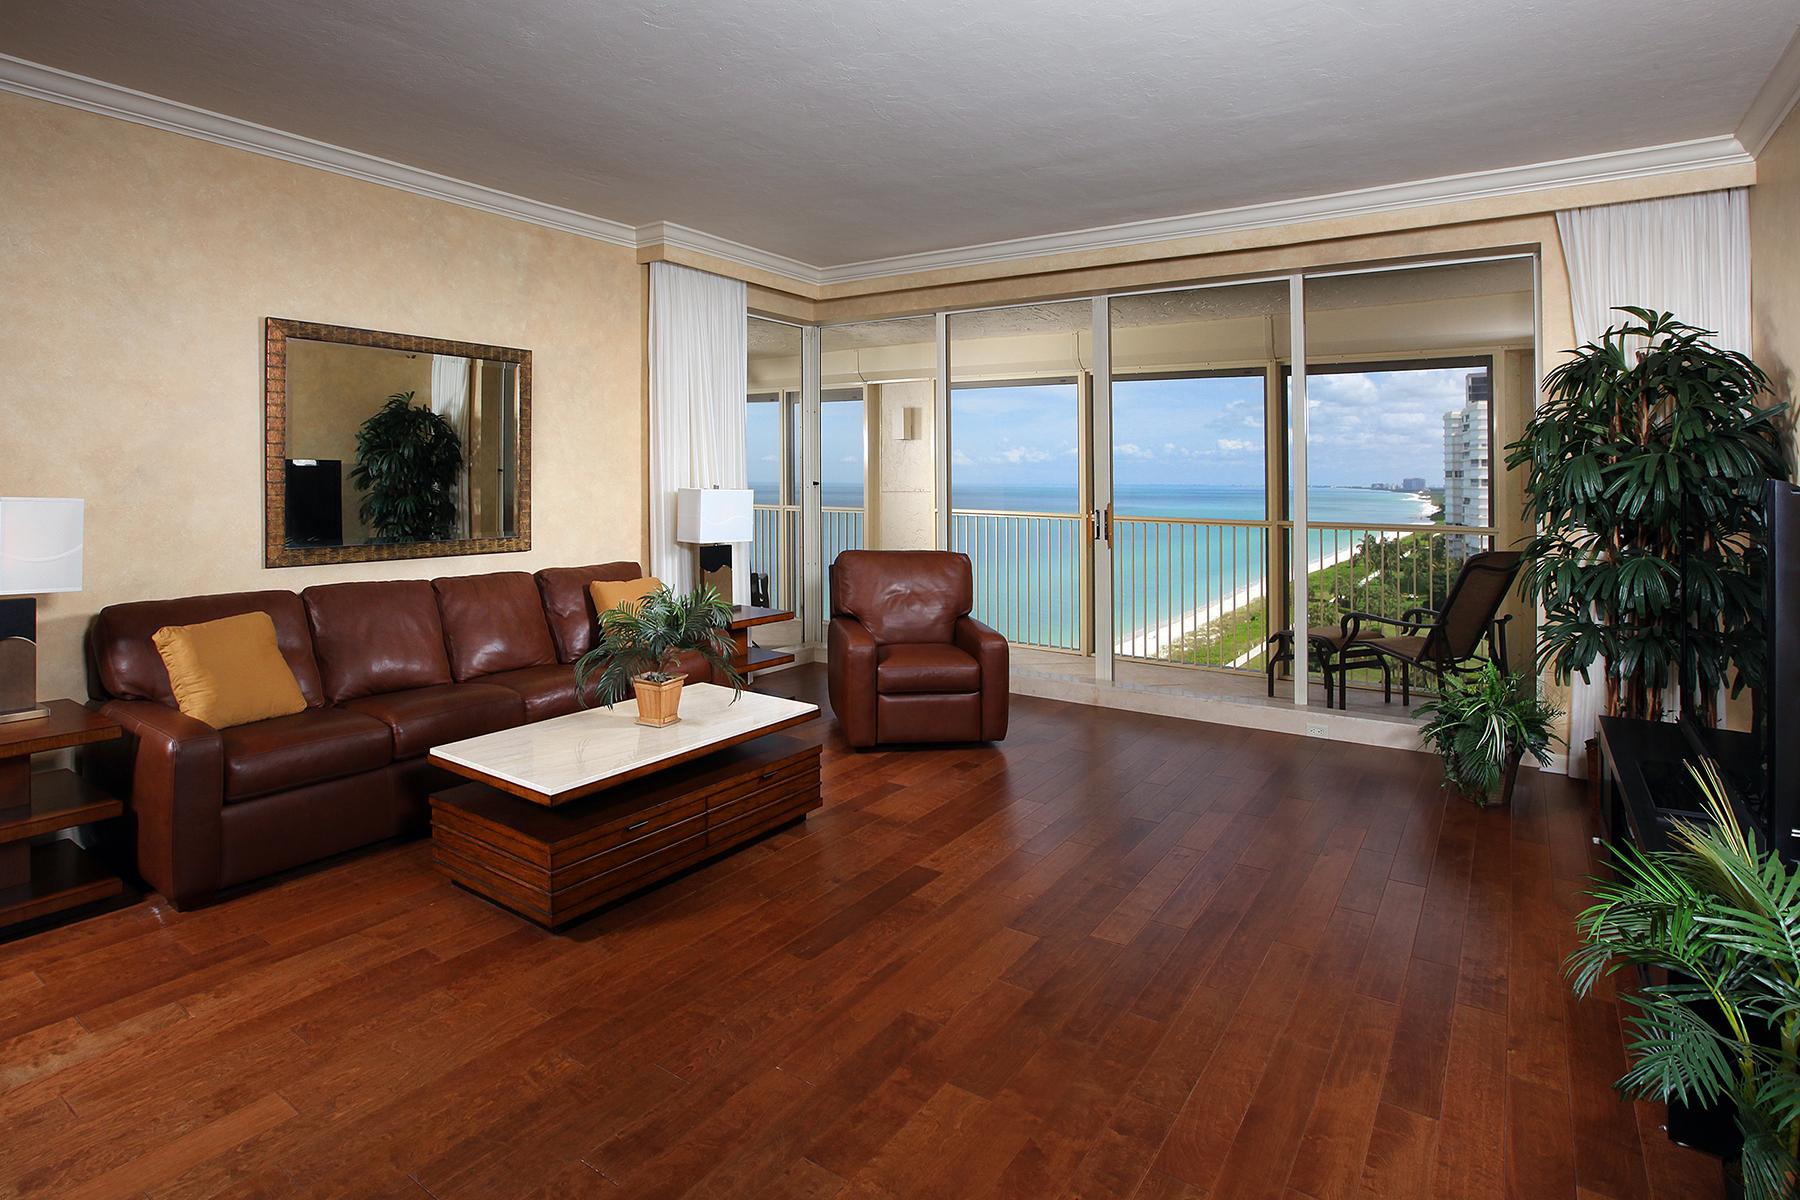 Condomínio para Venda às LA MER - PARK SHORE 4051 Gulf Shore Blvd N 1401 Naples, Florida 34103 Estados Unidos